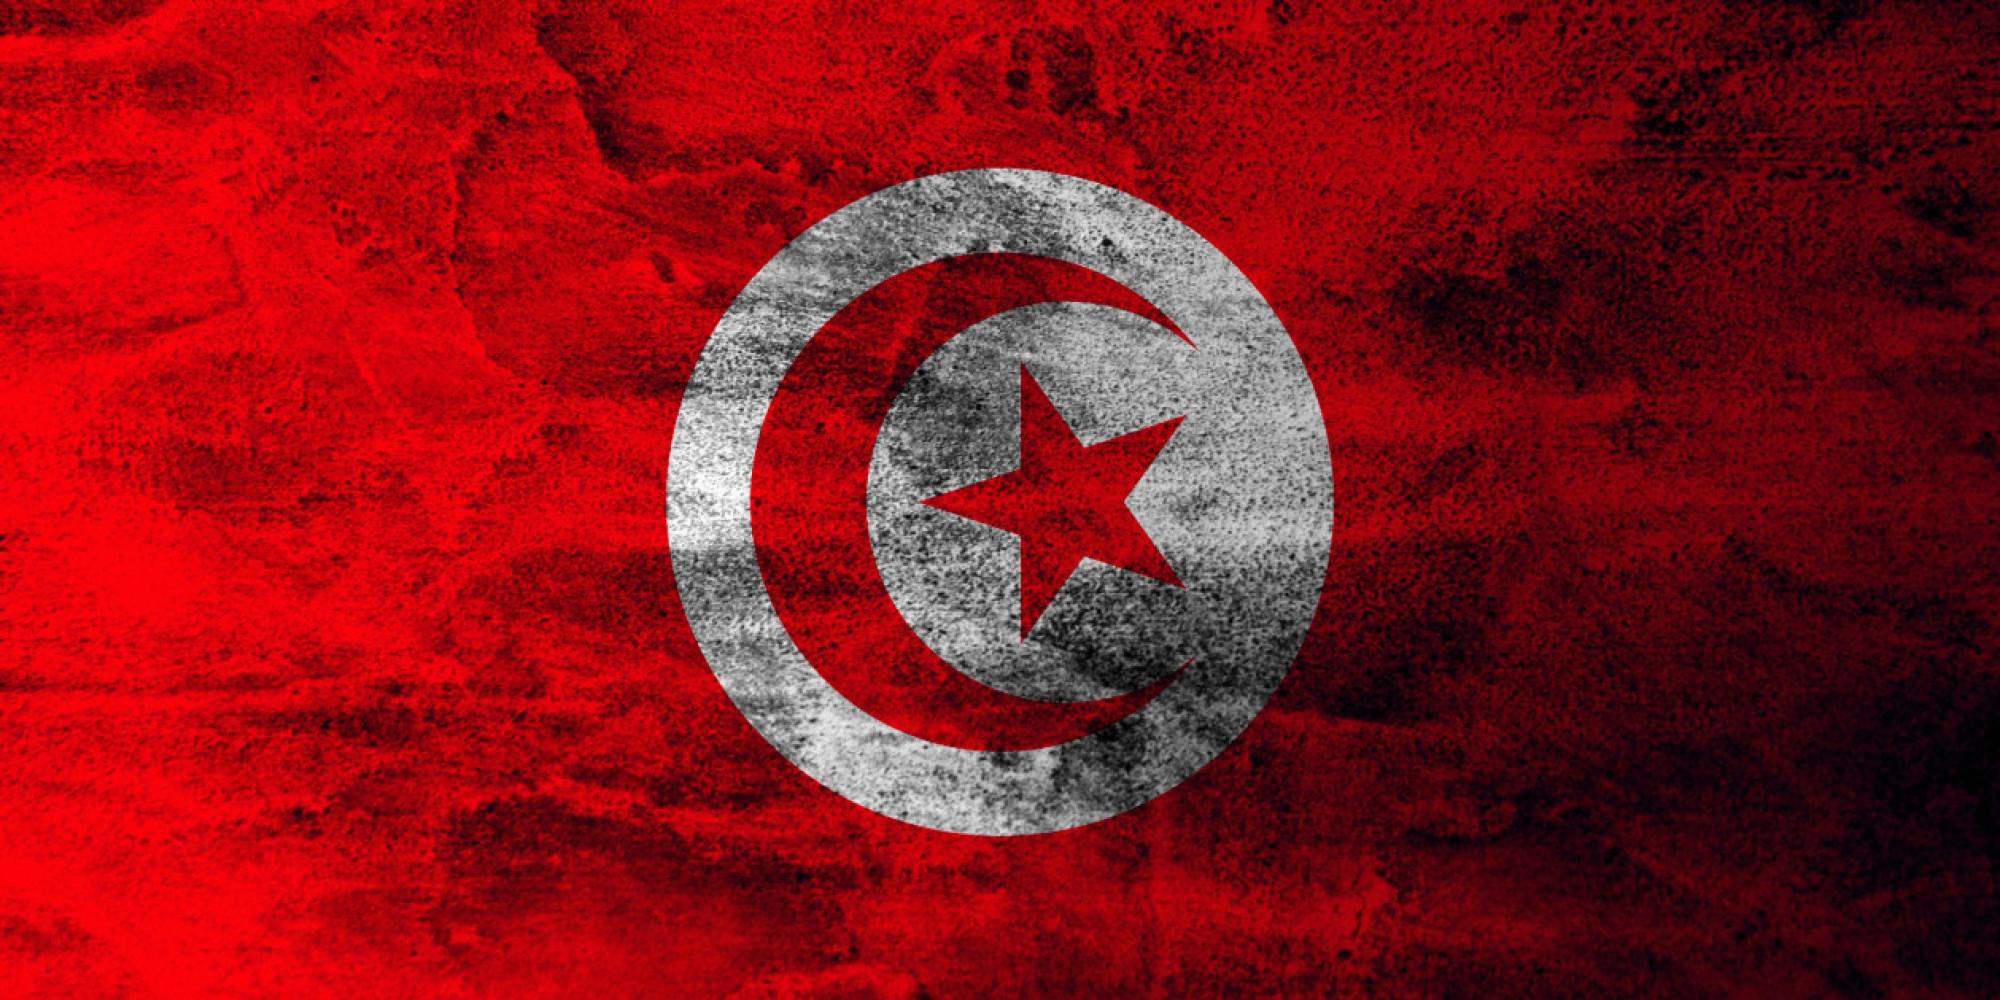 Tunisie miroir miroir dis moi que je suis la plus belle for Miroir miroir dis moi que je suis la plus belle